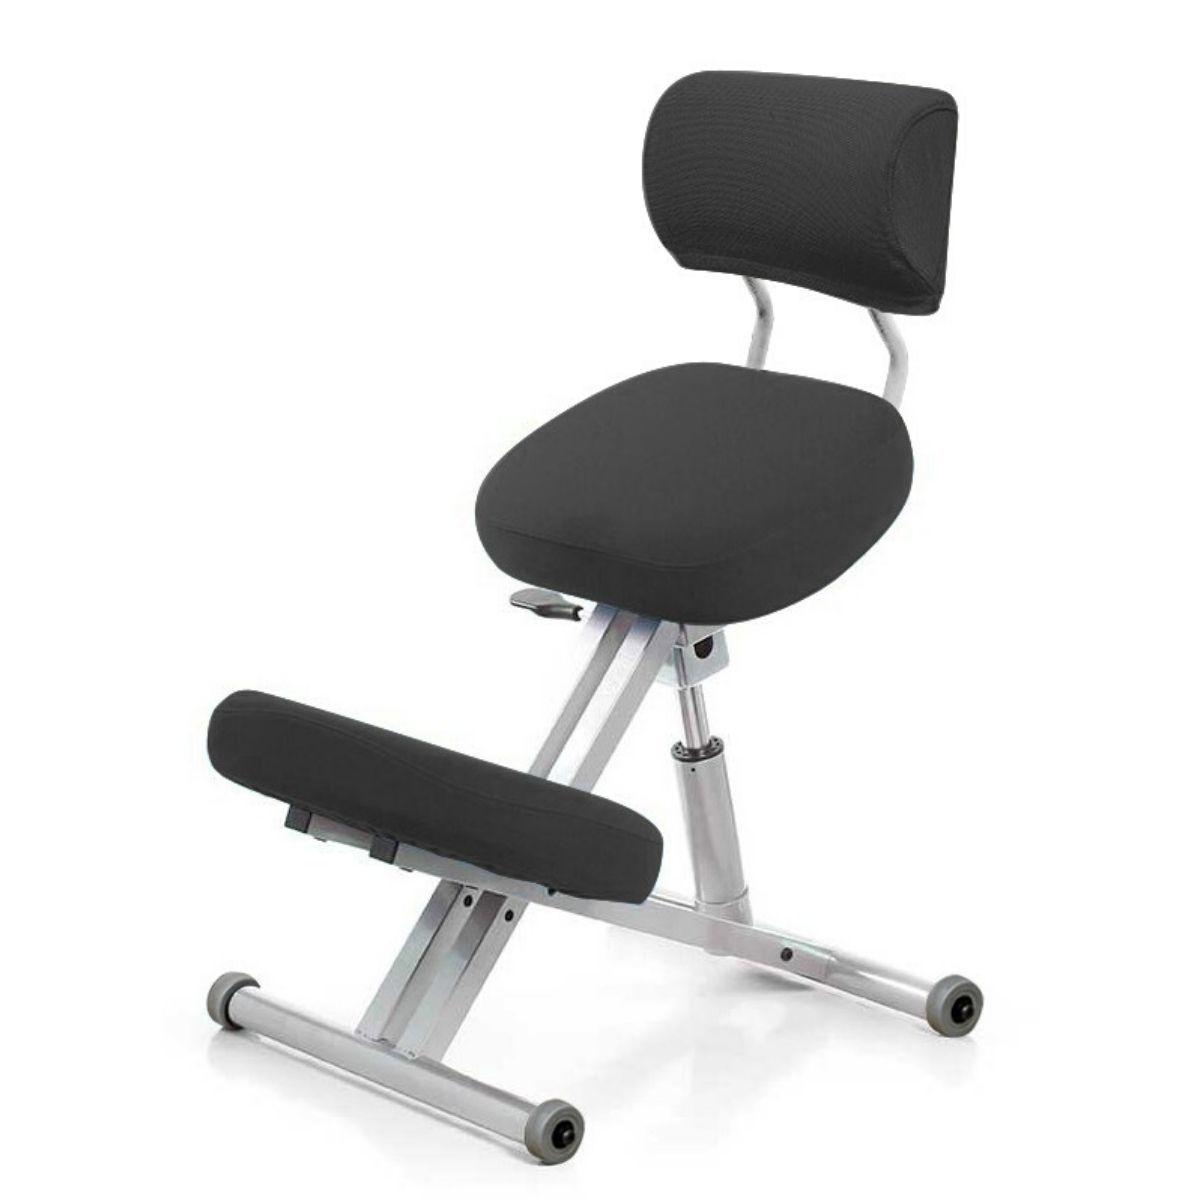 Стул коленный Smartstool KM01B (спинка + газлифт) черный